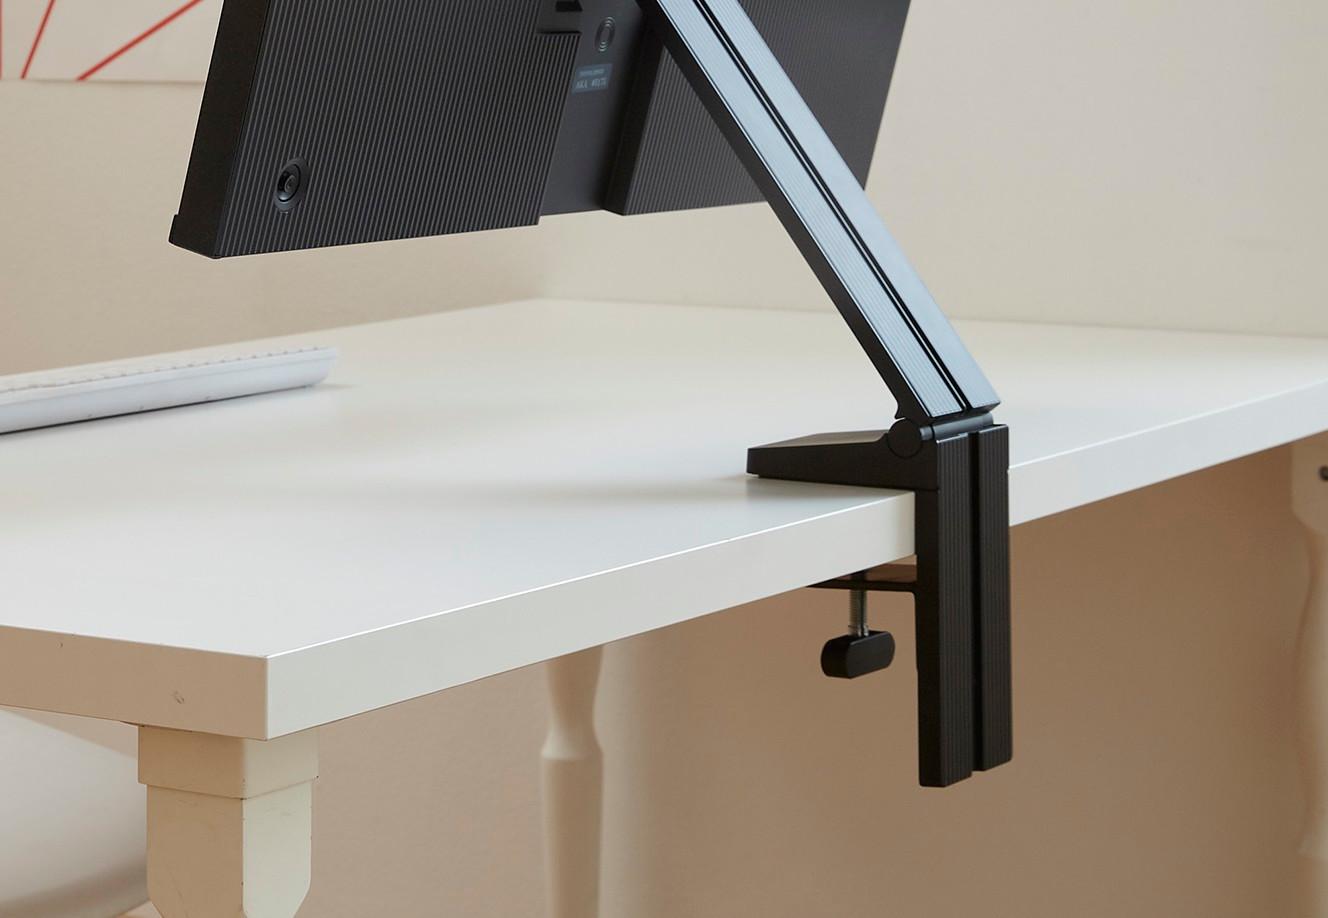 image d'illustration en gros plan du pied flexible support bureau gain de place du nouveau moniteur samsung space monitor présenté au ces 2019